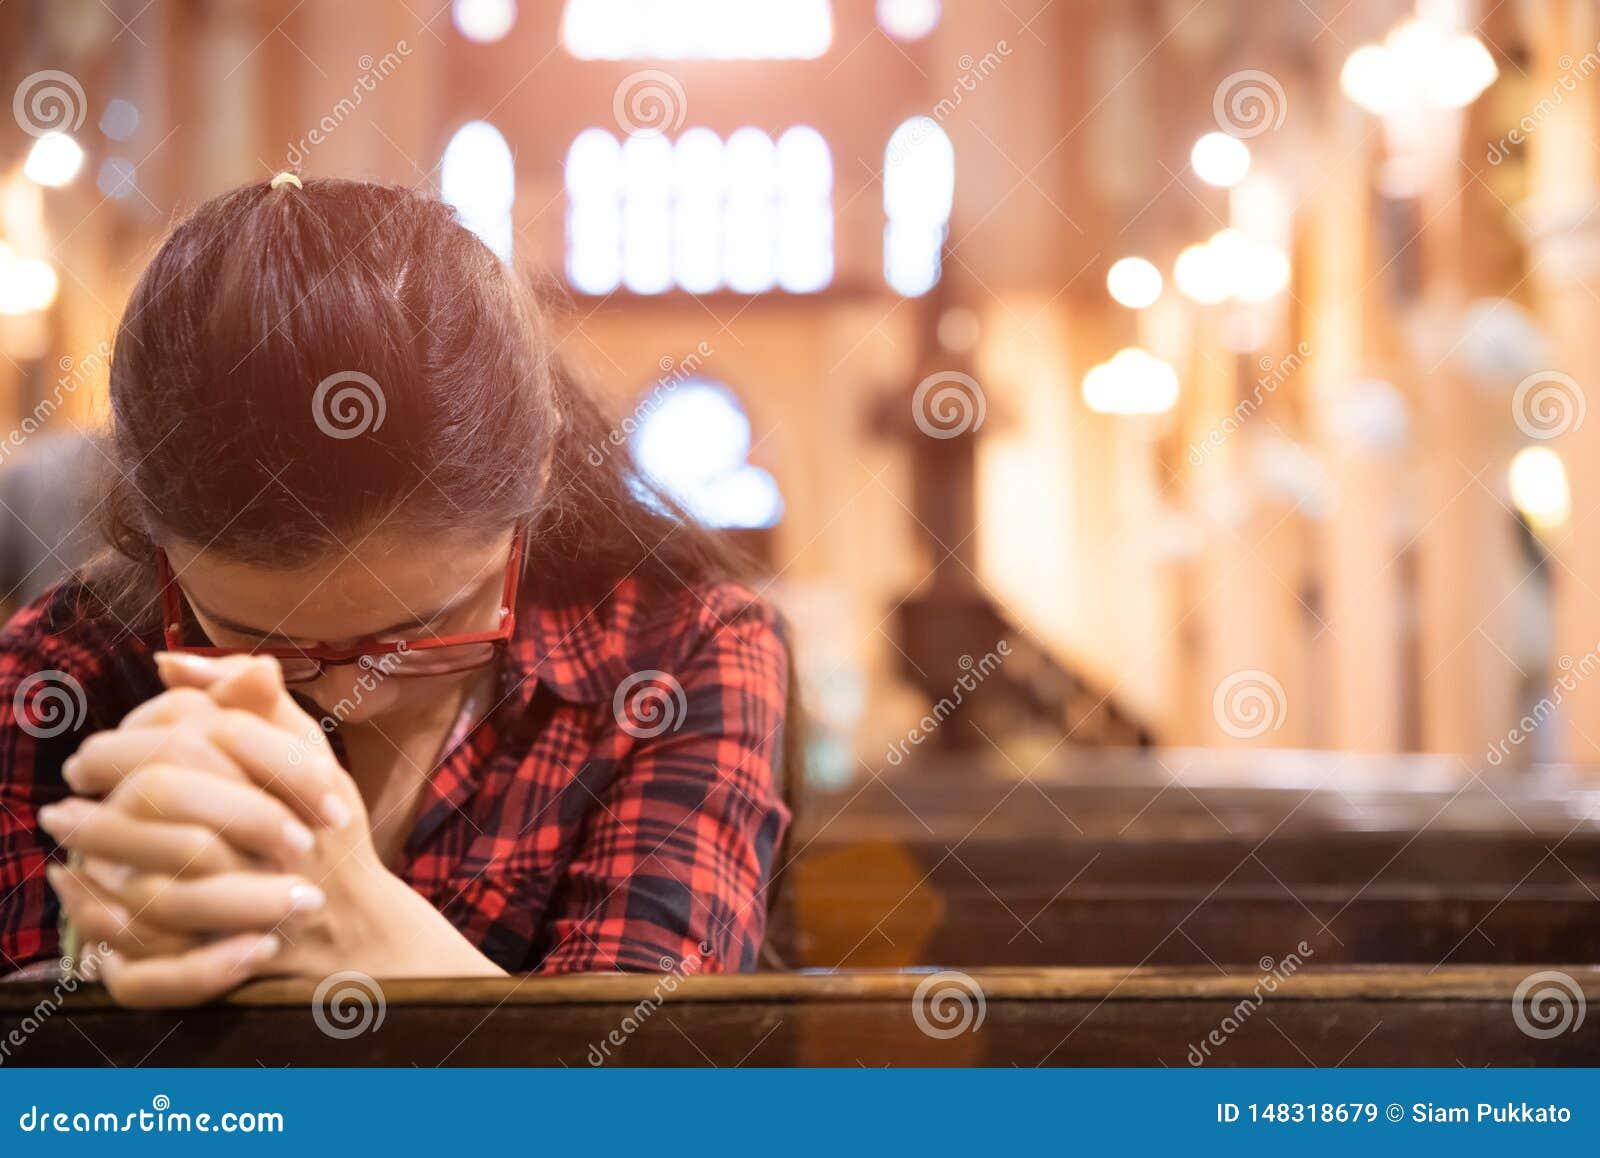 De jonge vrouw zit op een bank in de kerk en bidt aan God Handen die in gebedconcept worden gevouwen voor geloof